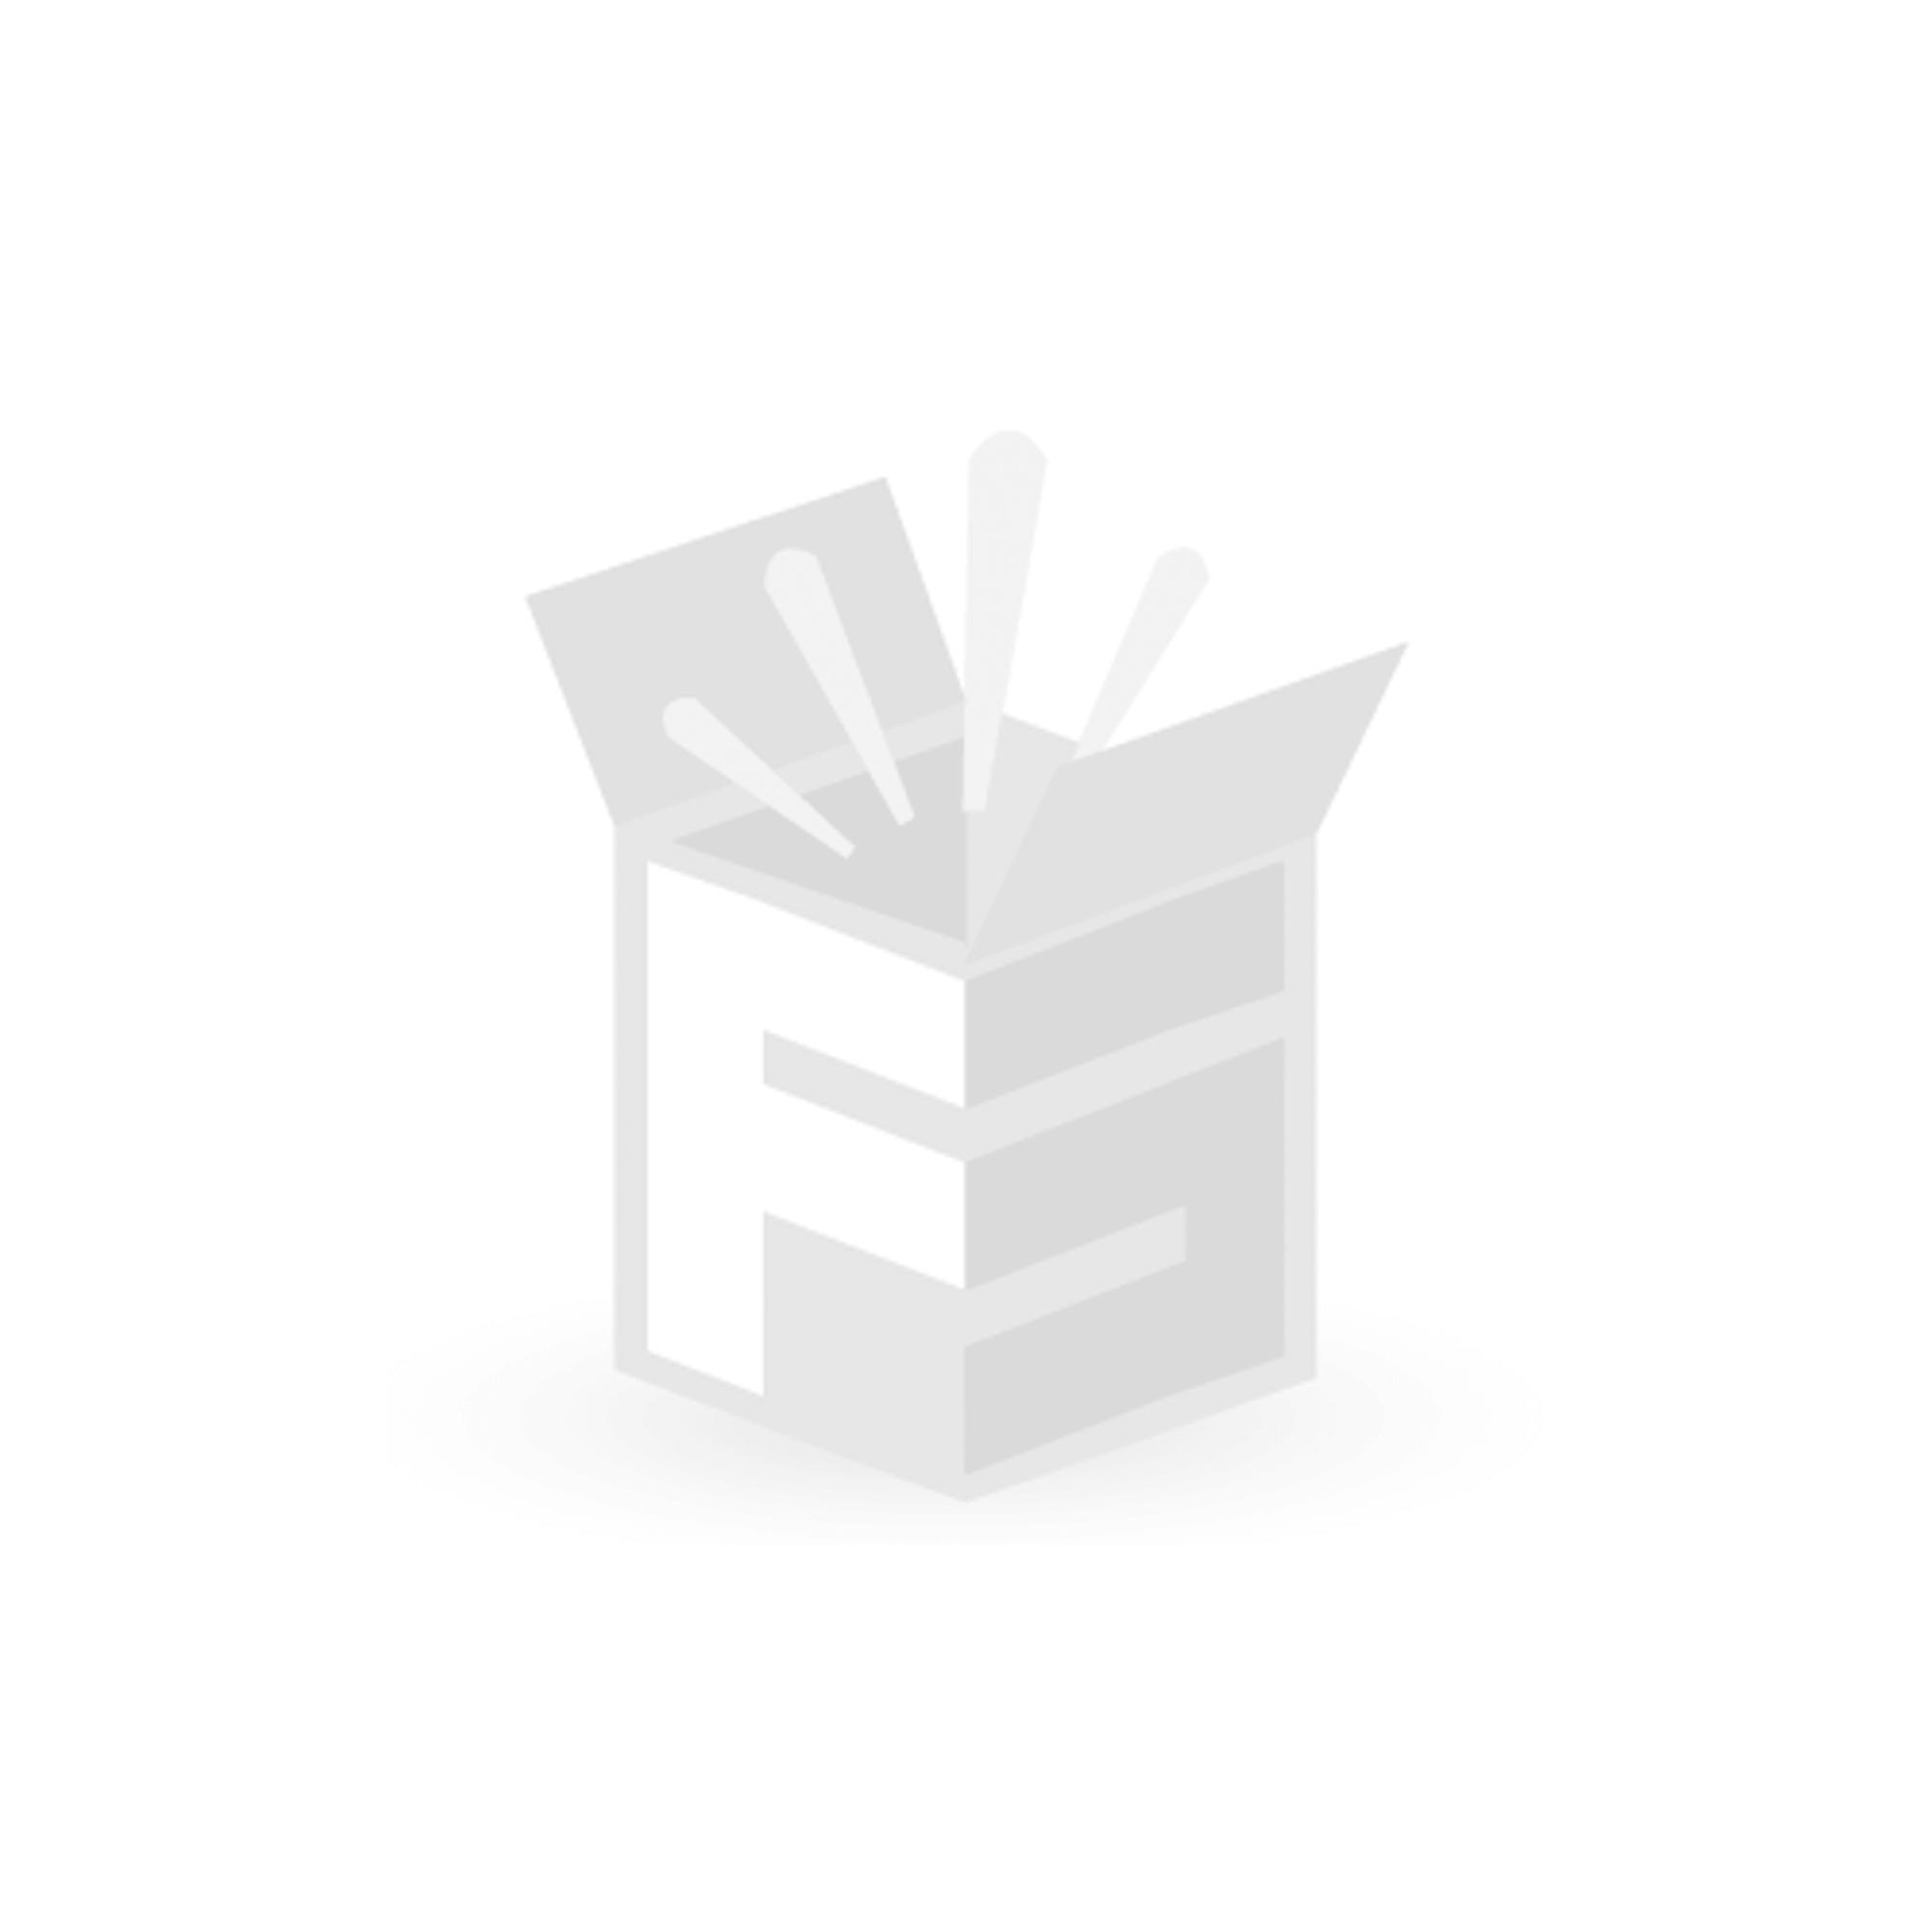 FS-STAR Standtischbezug 80 x 110 cm